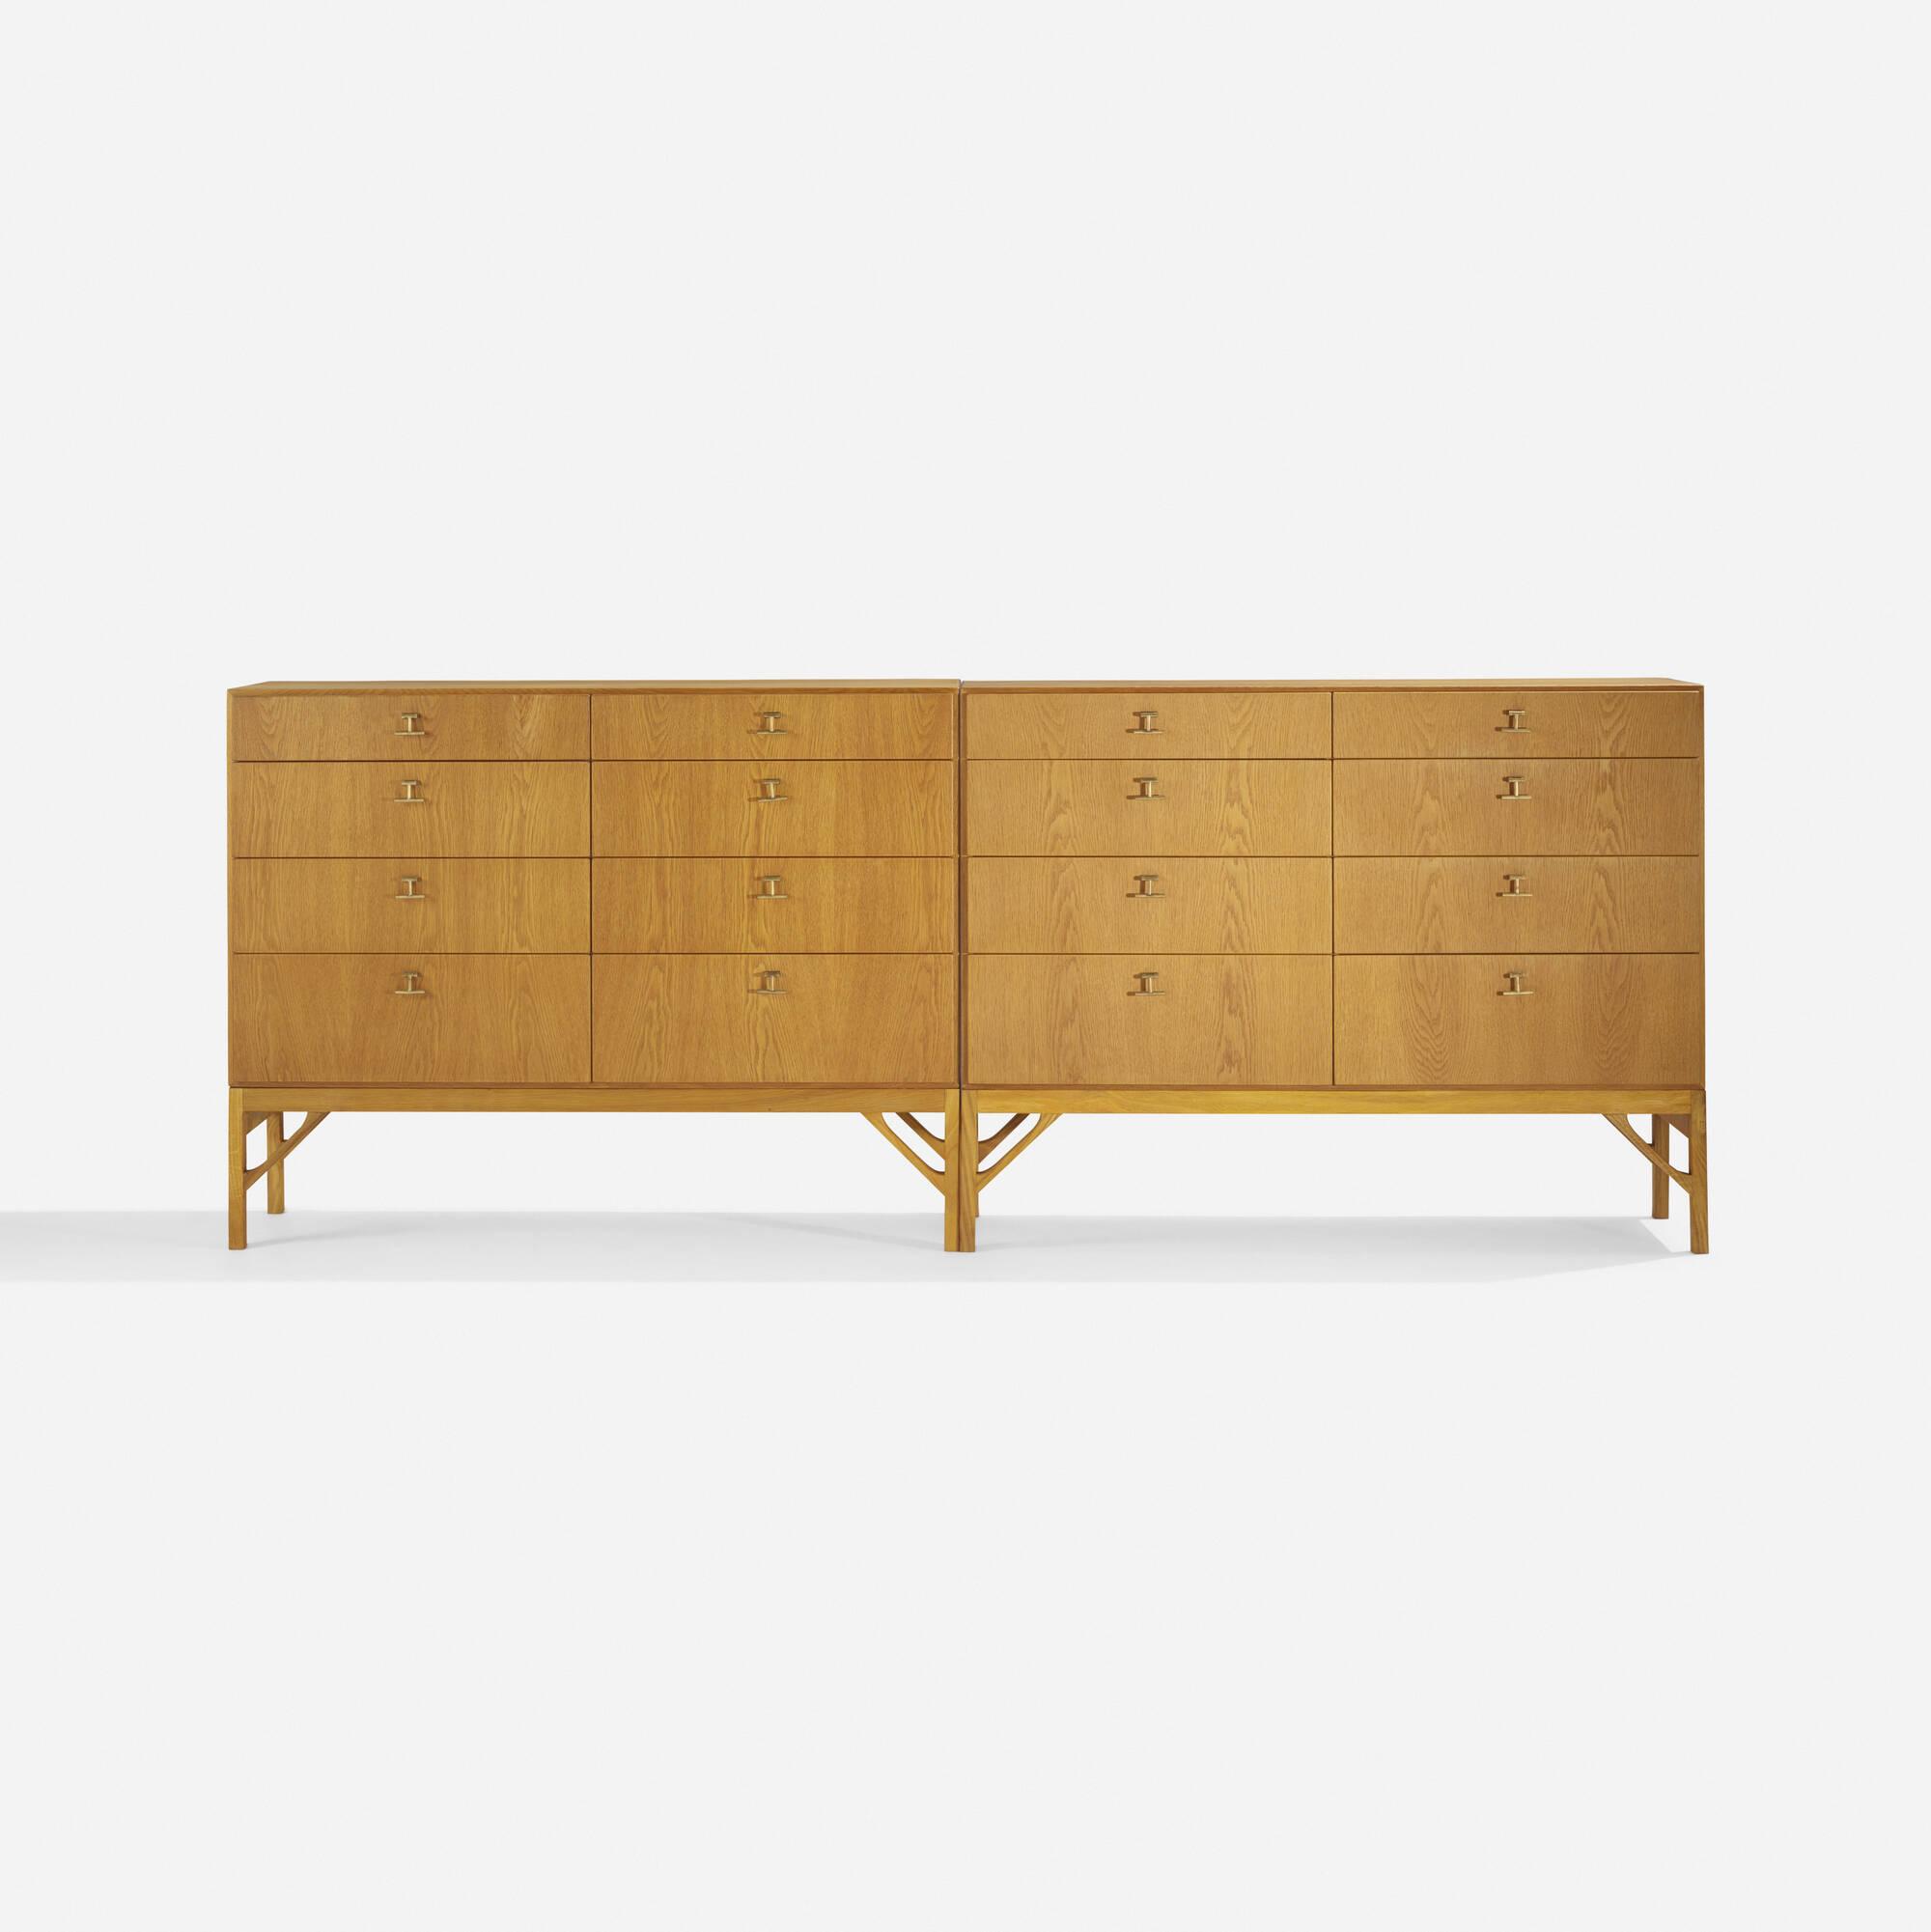 252: Børge Mogensen / cabinets, pair (1 of 4)